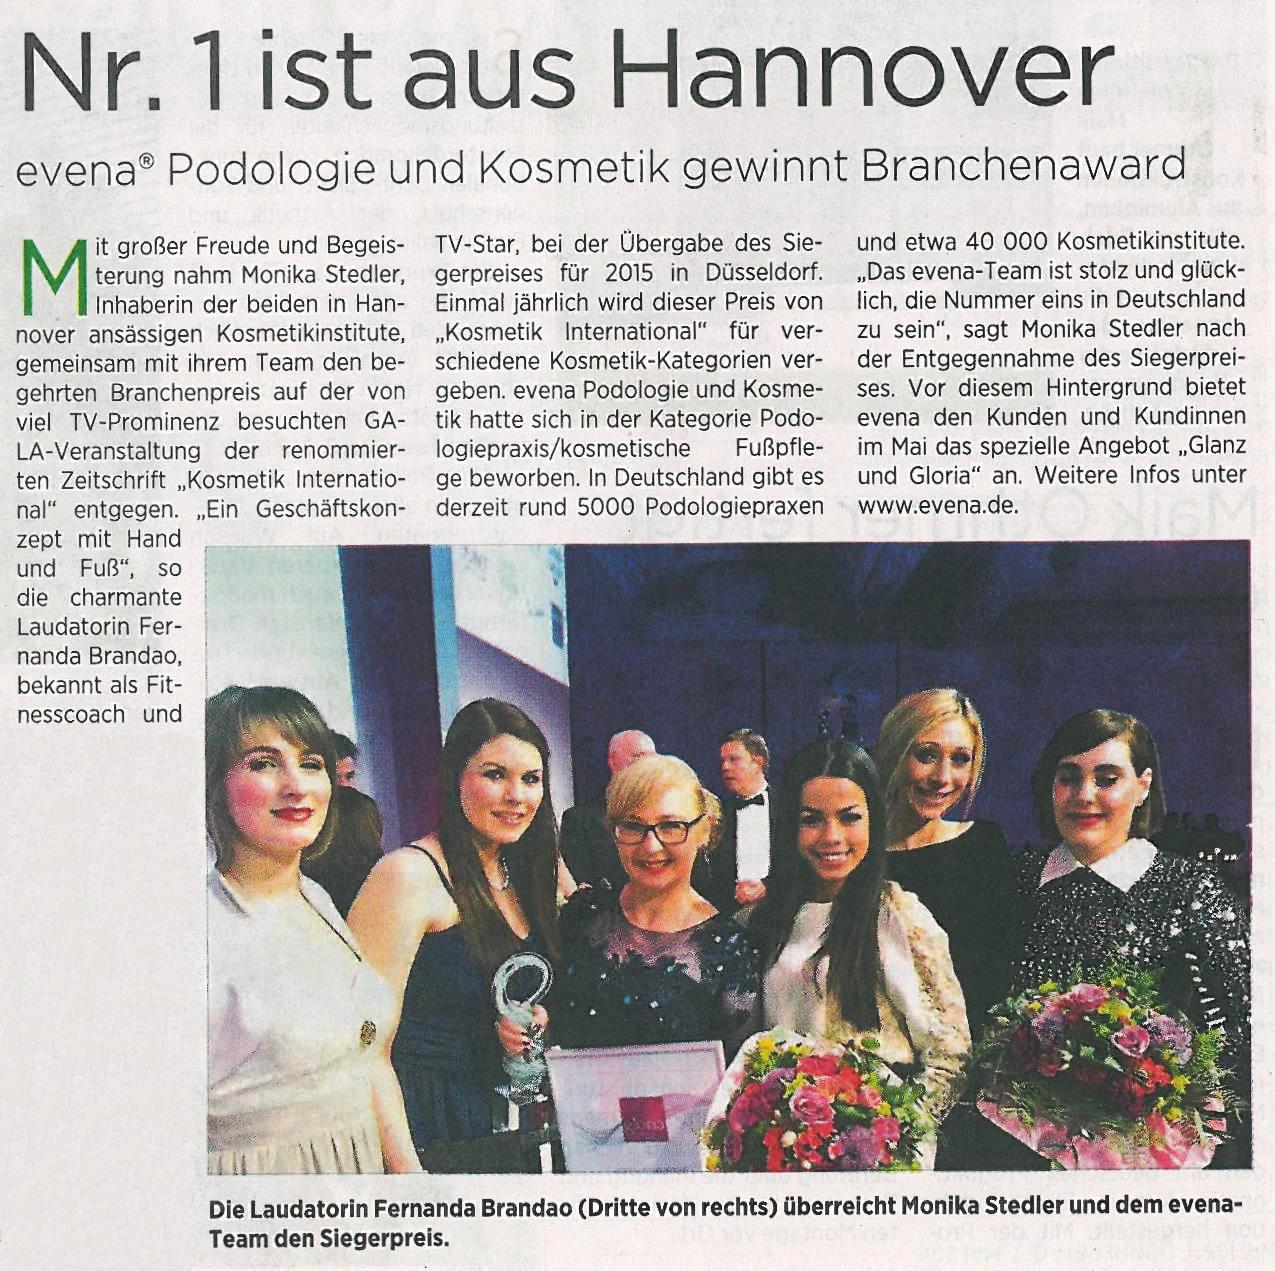 HAZ (Hannoversche Allgemeine Zeitung) 07.05.2015, Seite 8